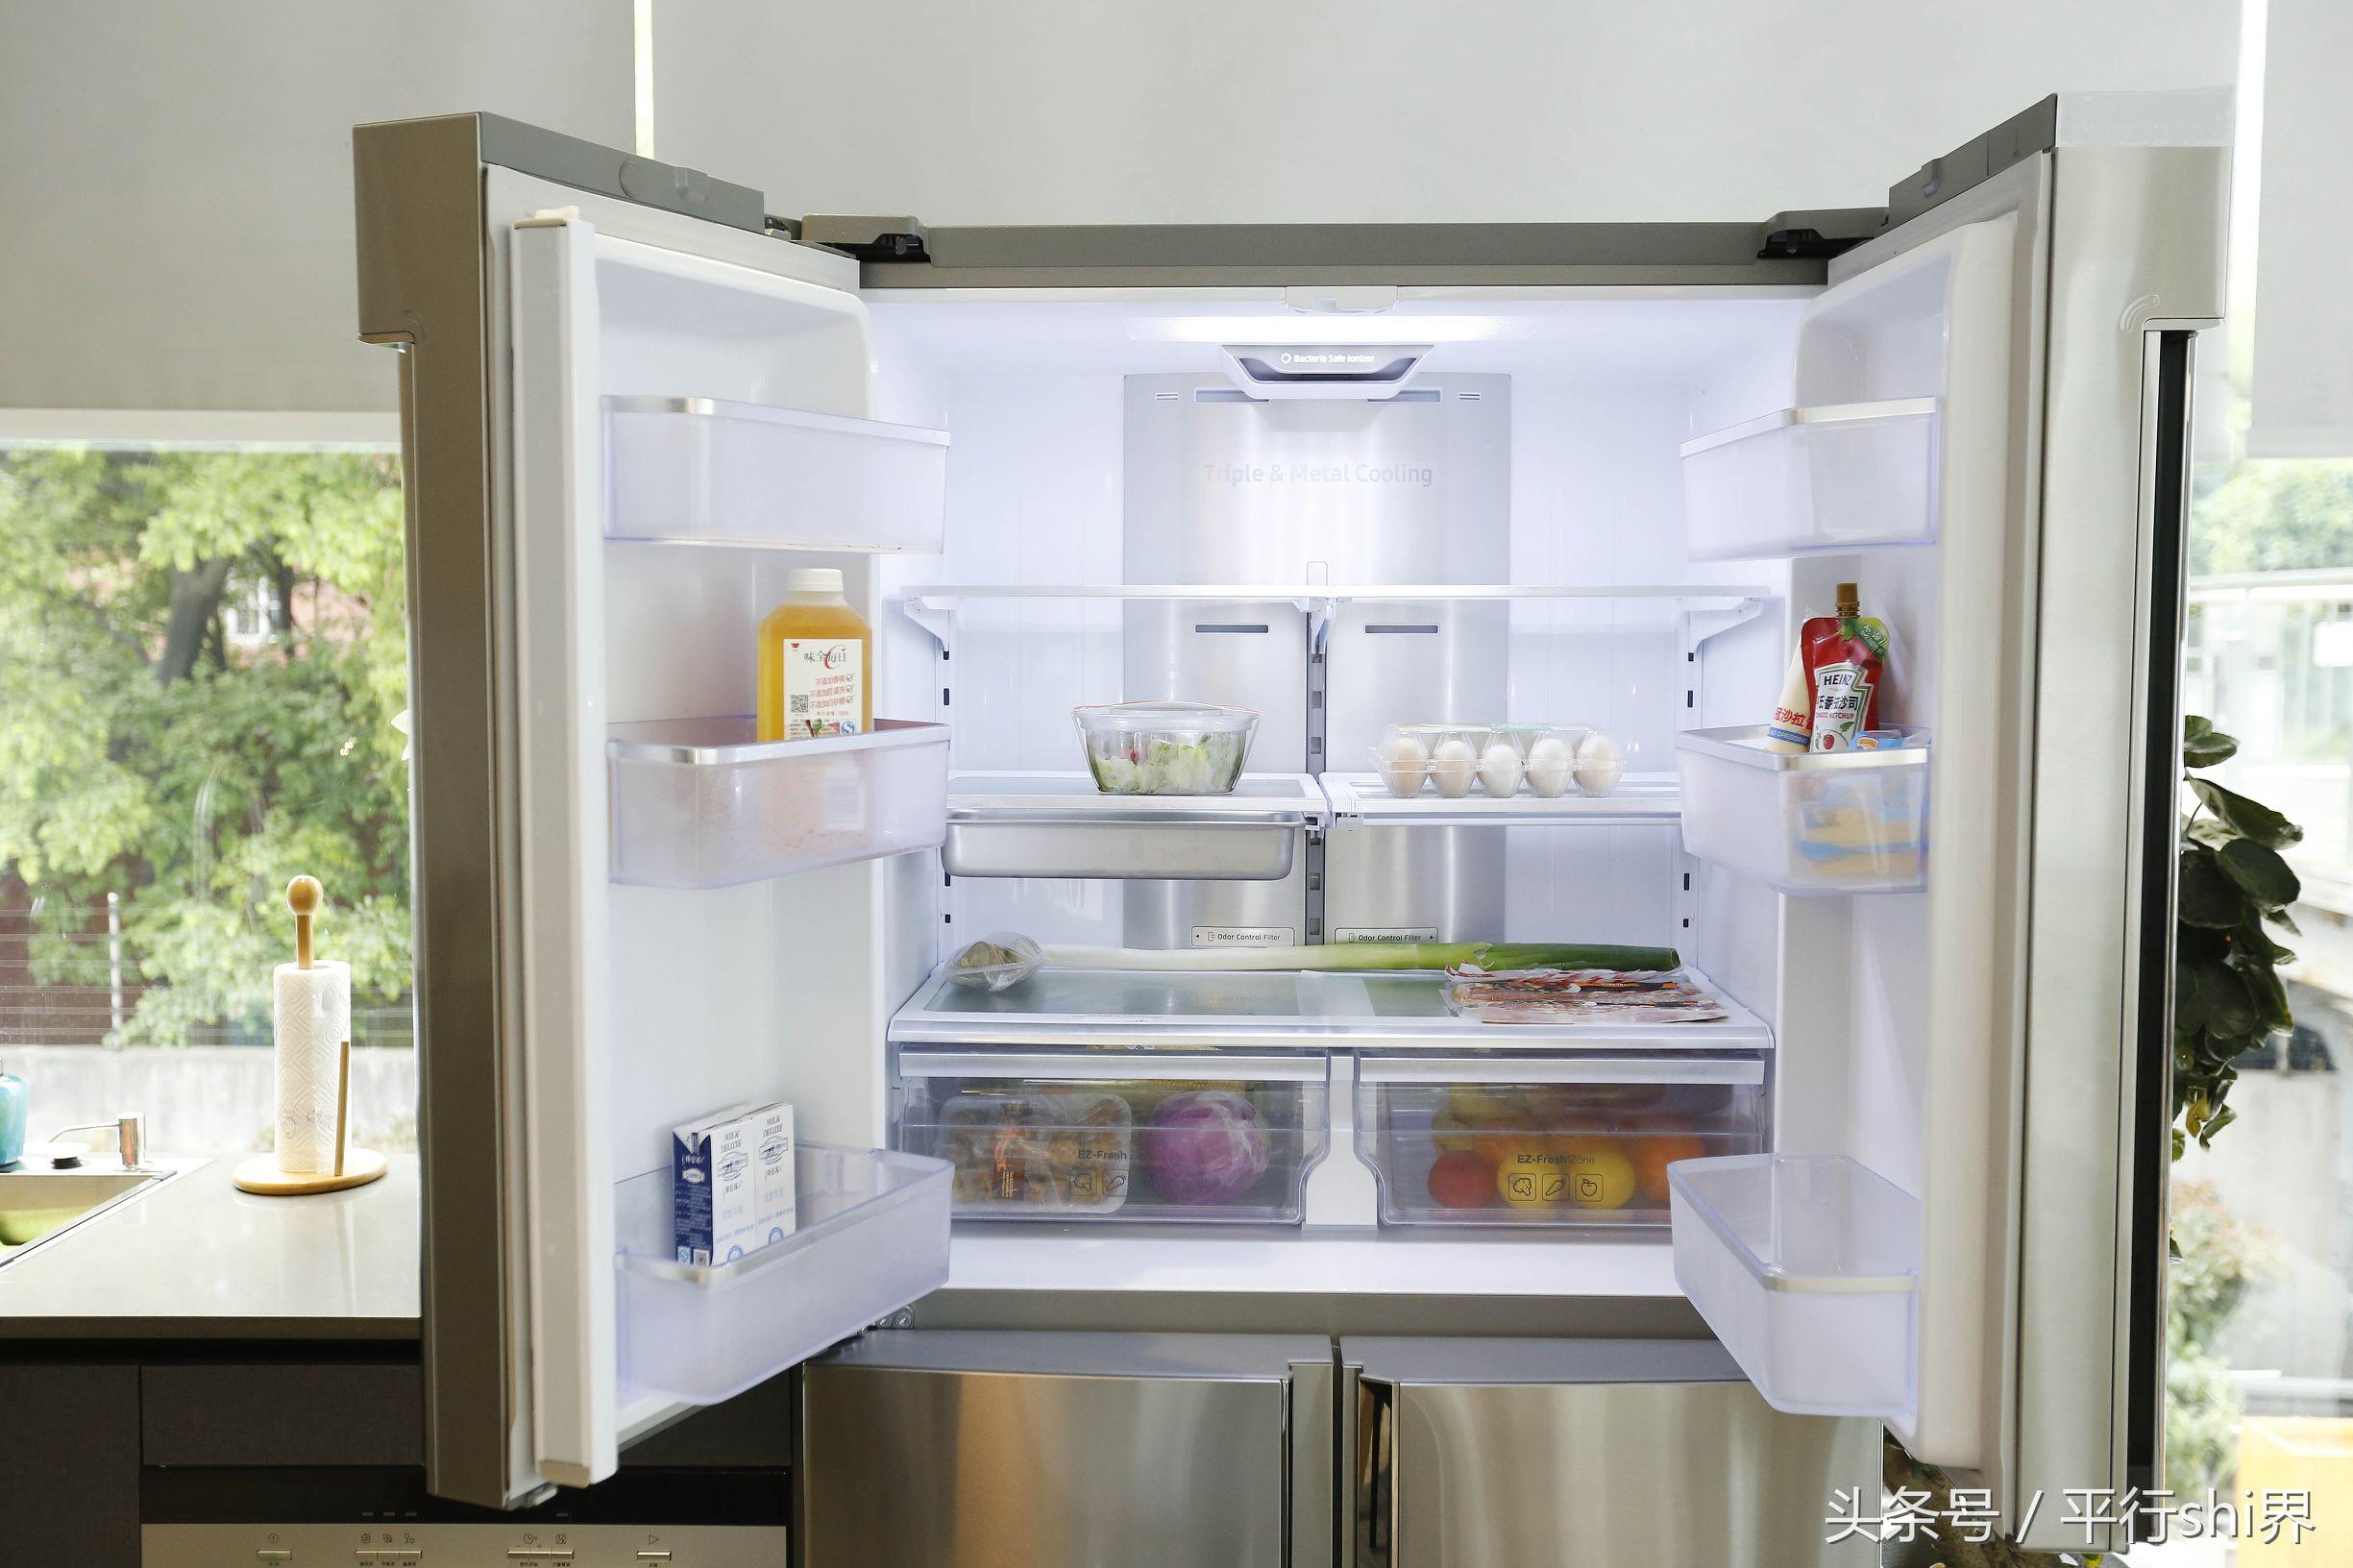 概念屋配备的智能电冰箱.